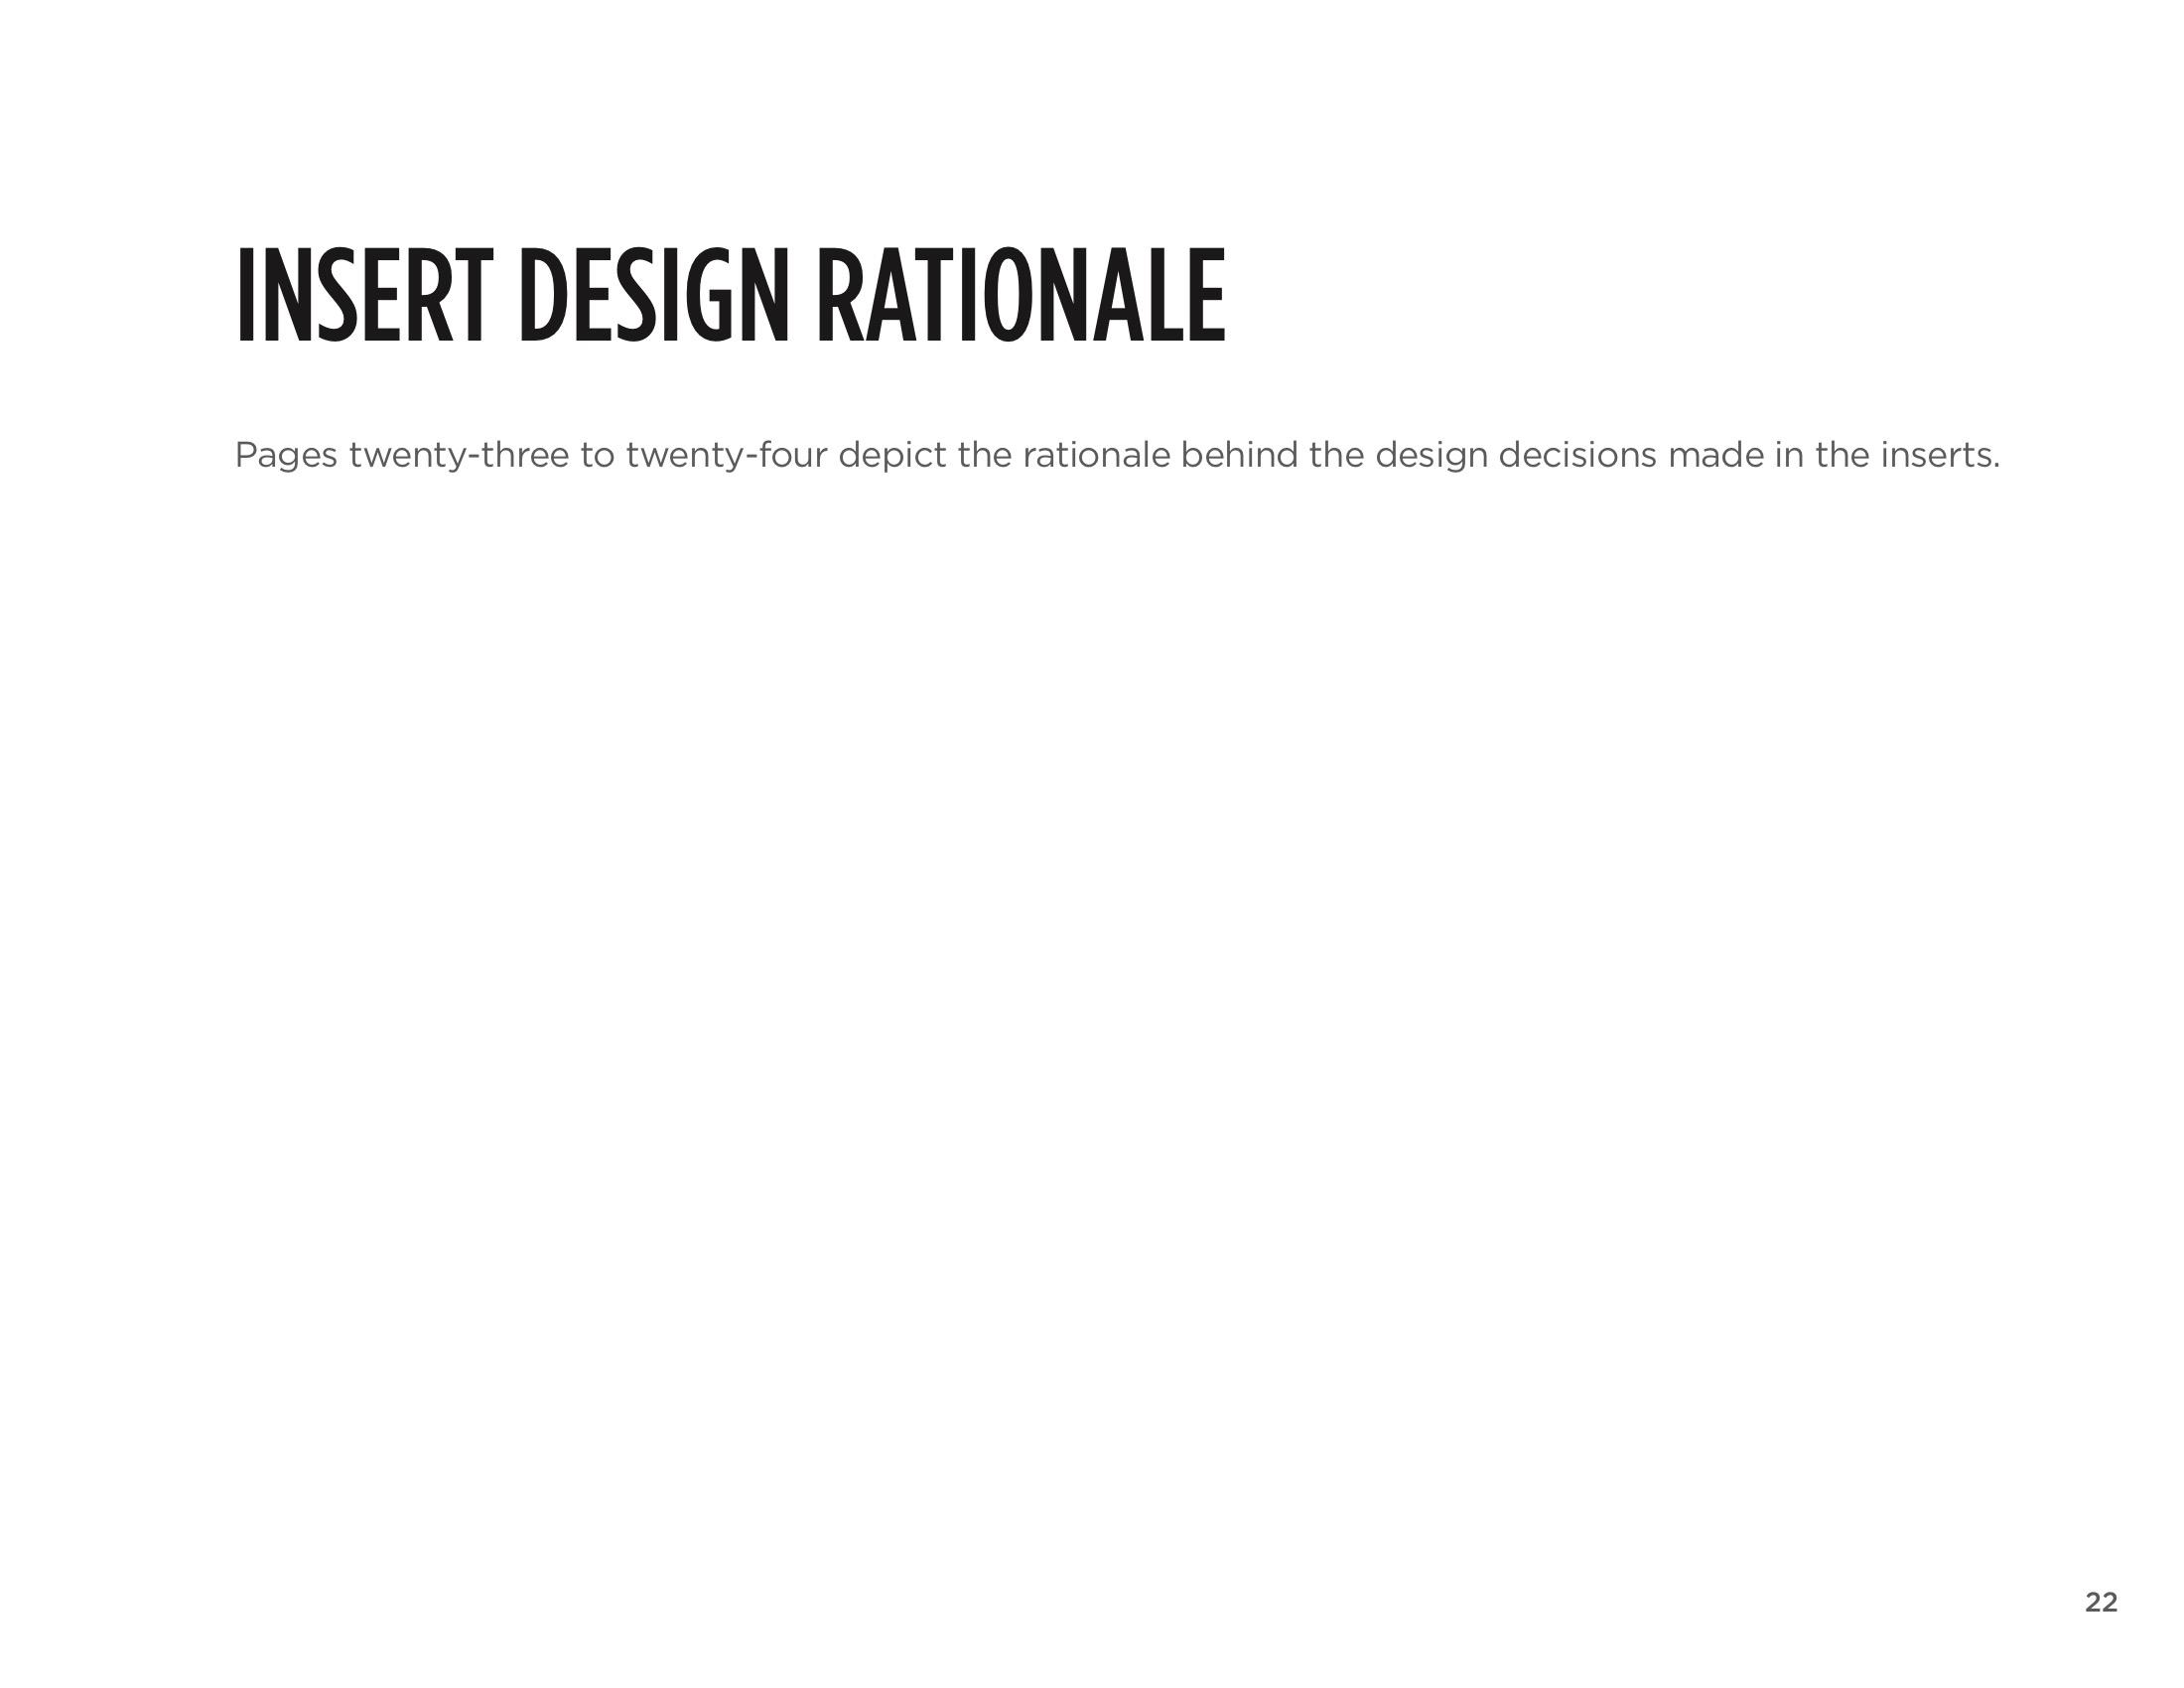 ECS_DesignDecisions 22-22.jpeg